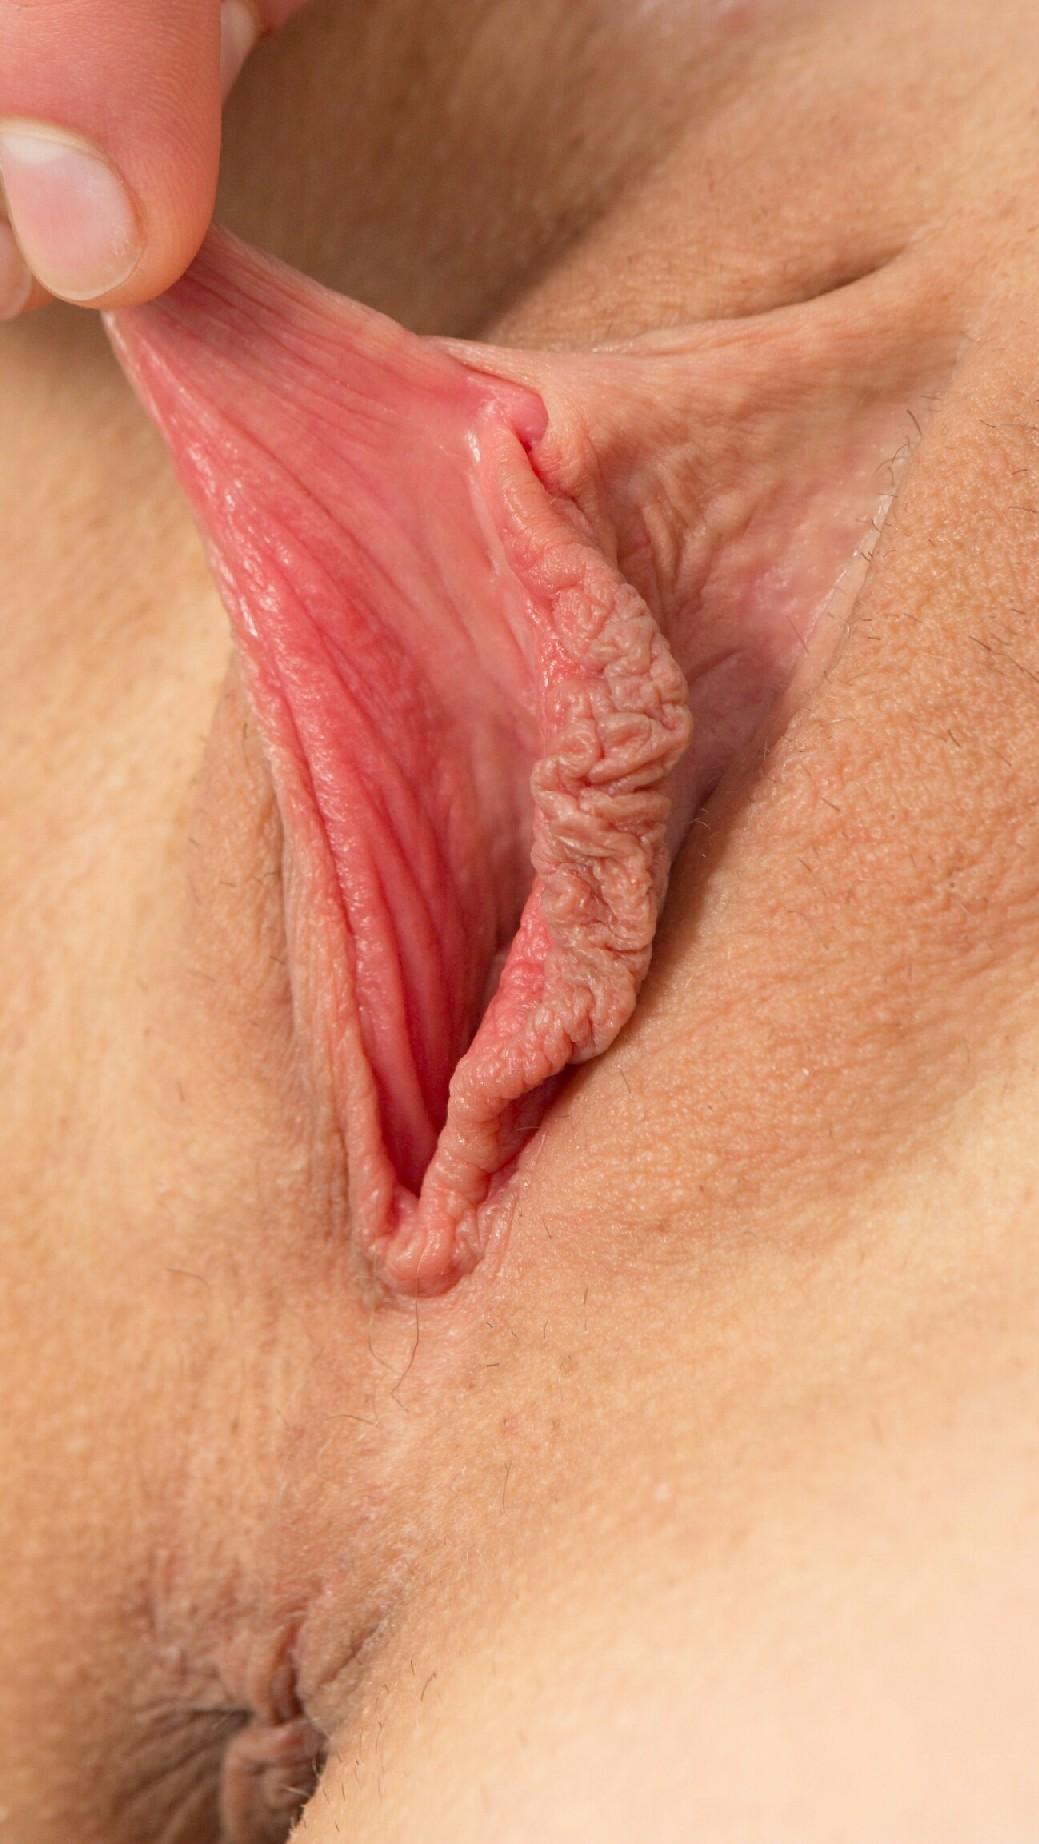 Самые большие губы порно фото результате, когда